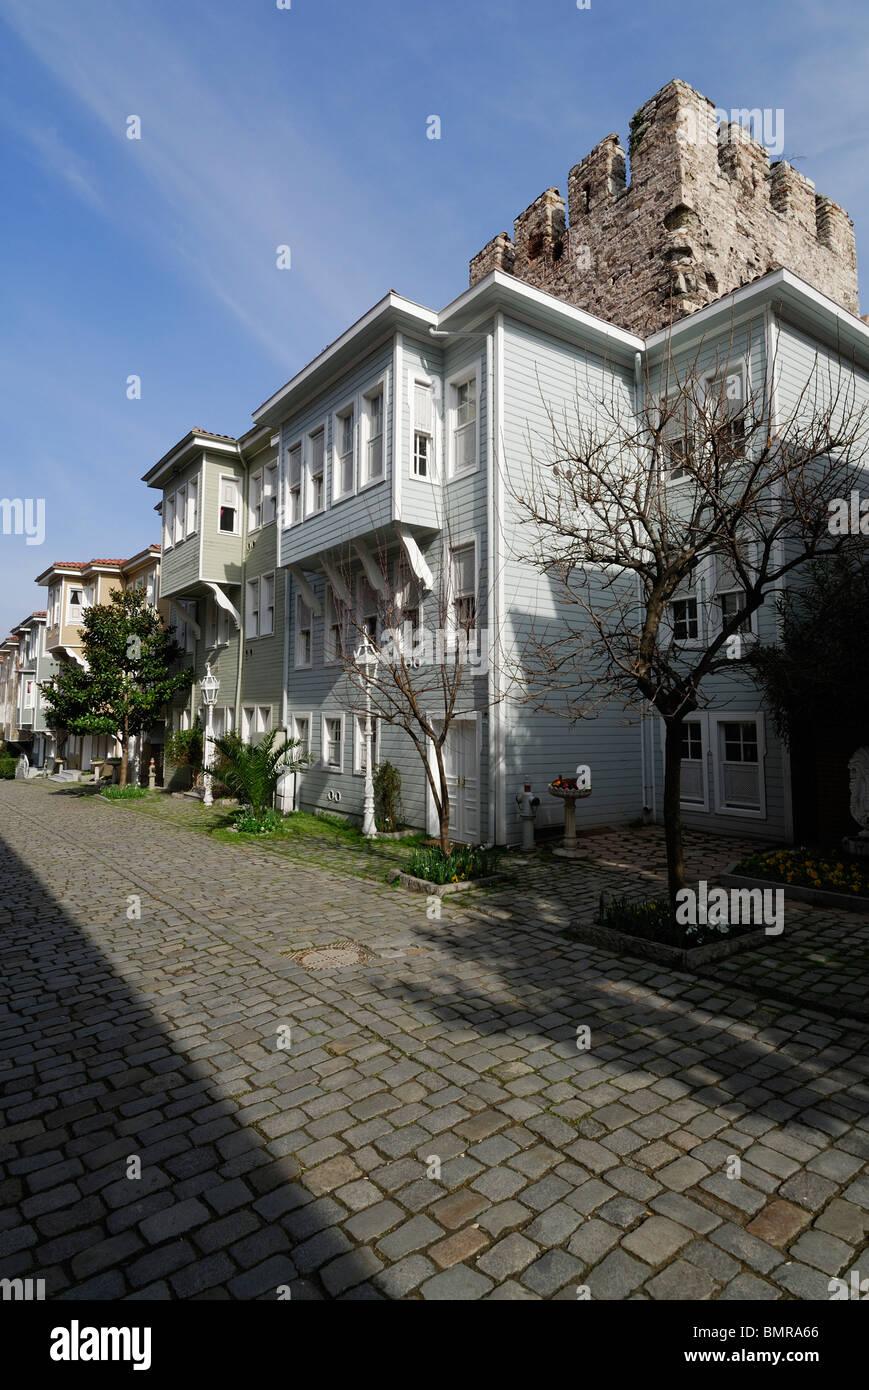 Istanbul. La Turquie. Maisons en bois traditionnelles sur Sogukcesme Sok construit contre les murs du palais de Photo Stock